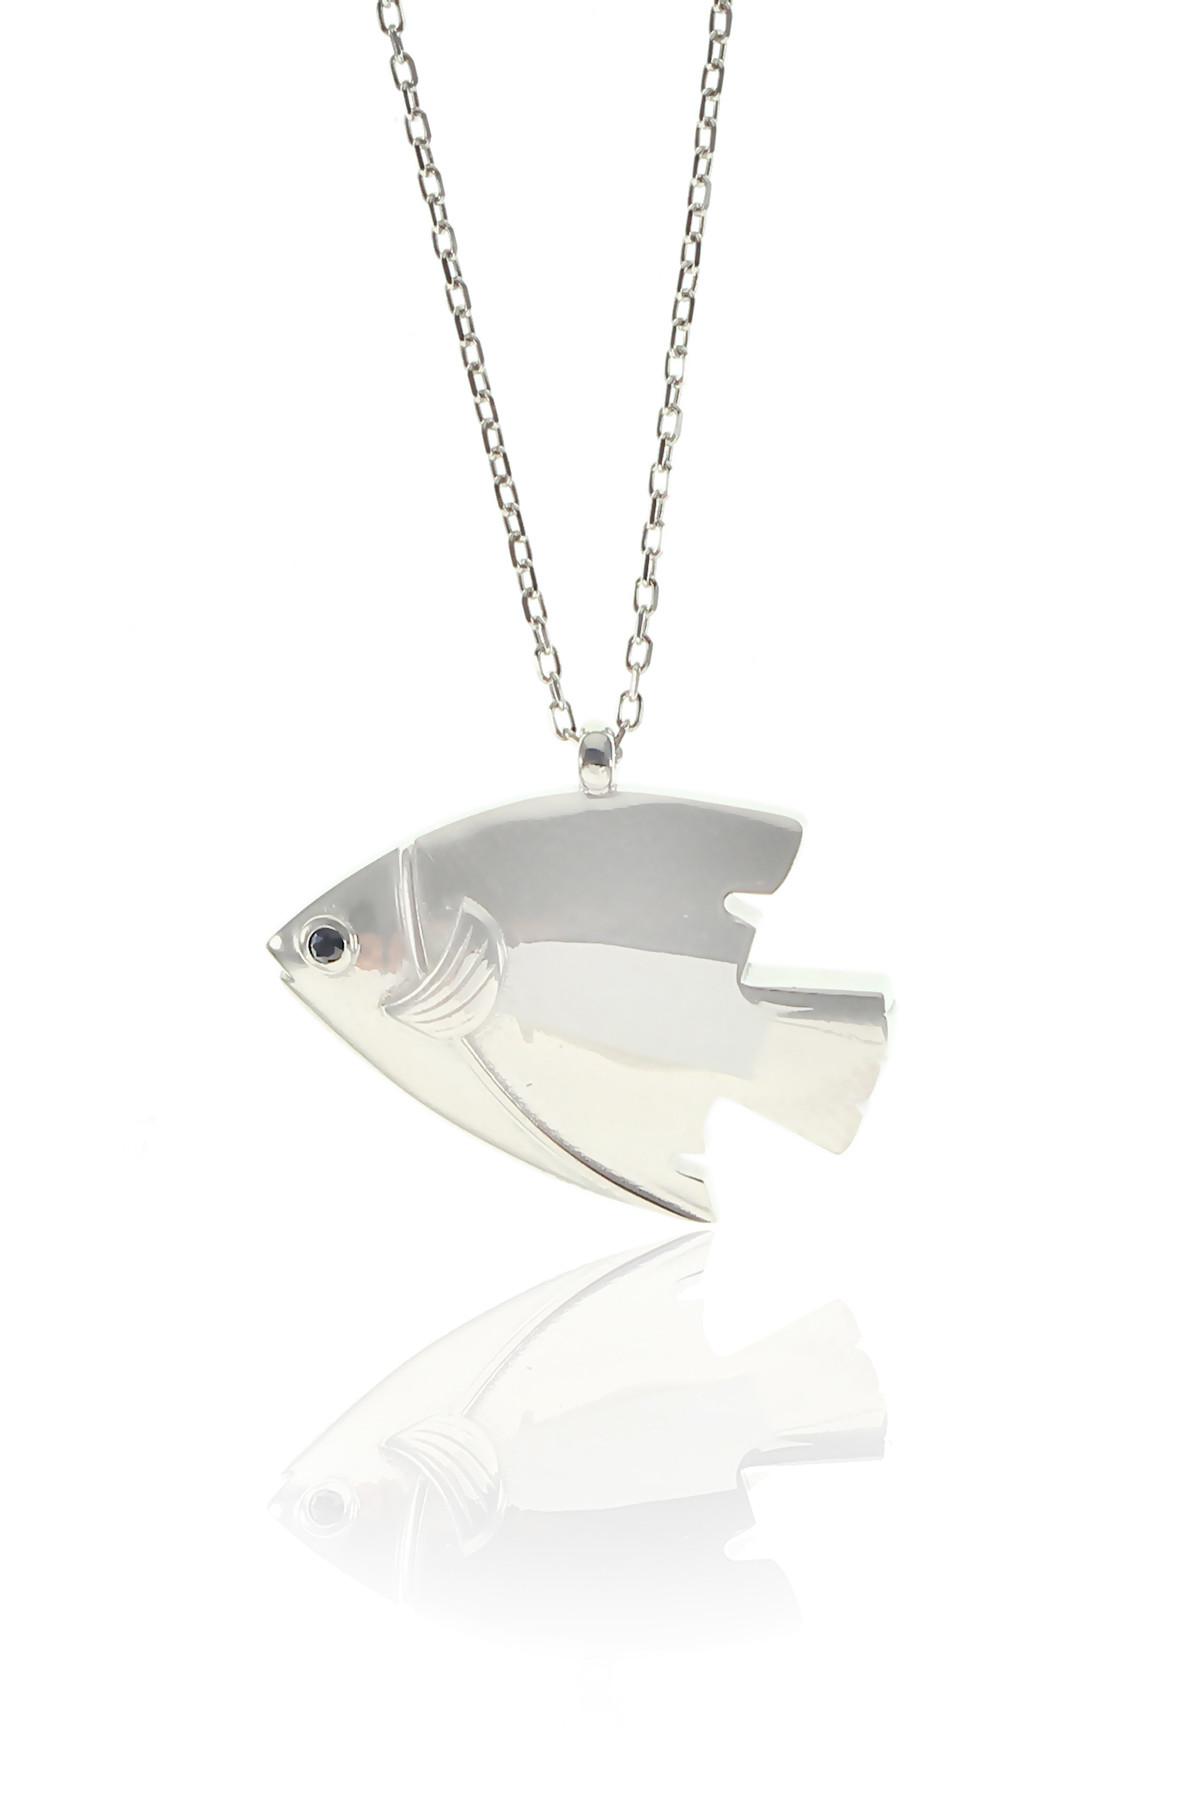 Söğütlü Silver Kadın Balık Kolye SGTL8416 1